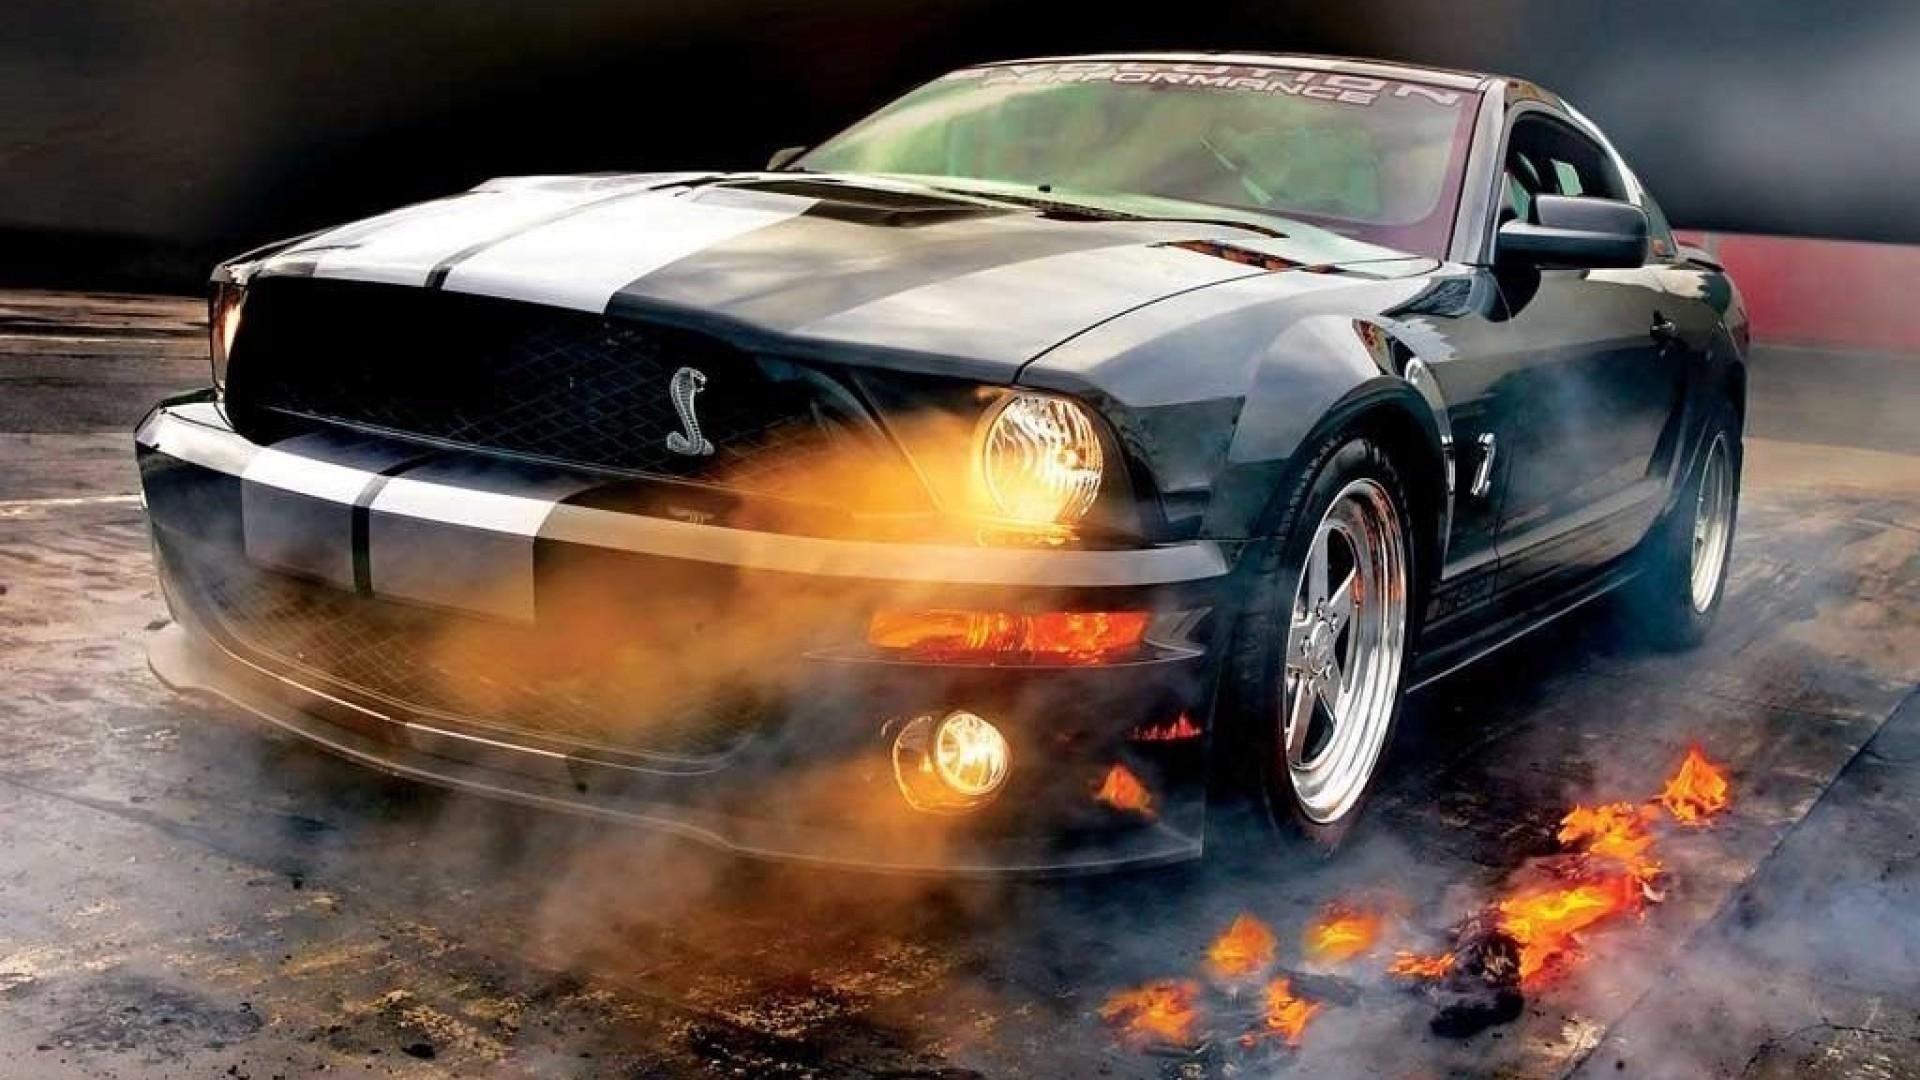 Mustang Wallpaper Download Full